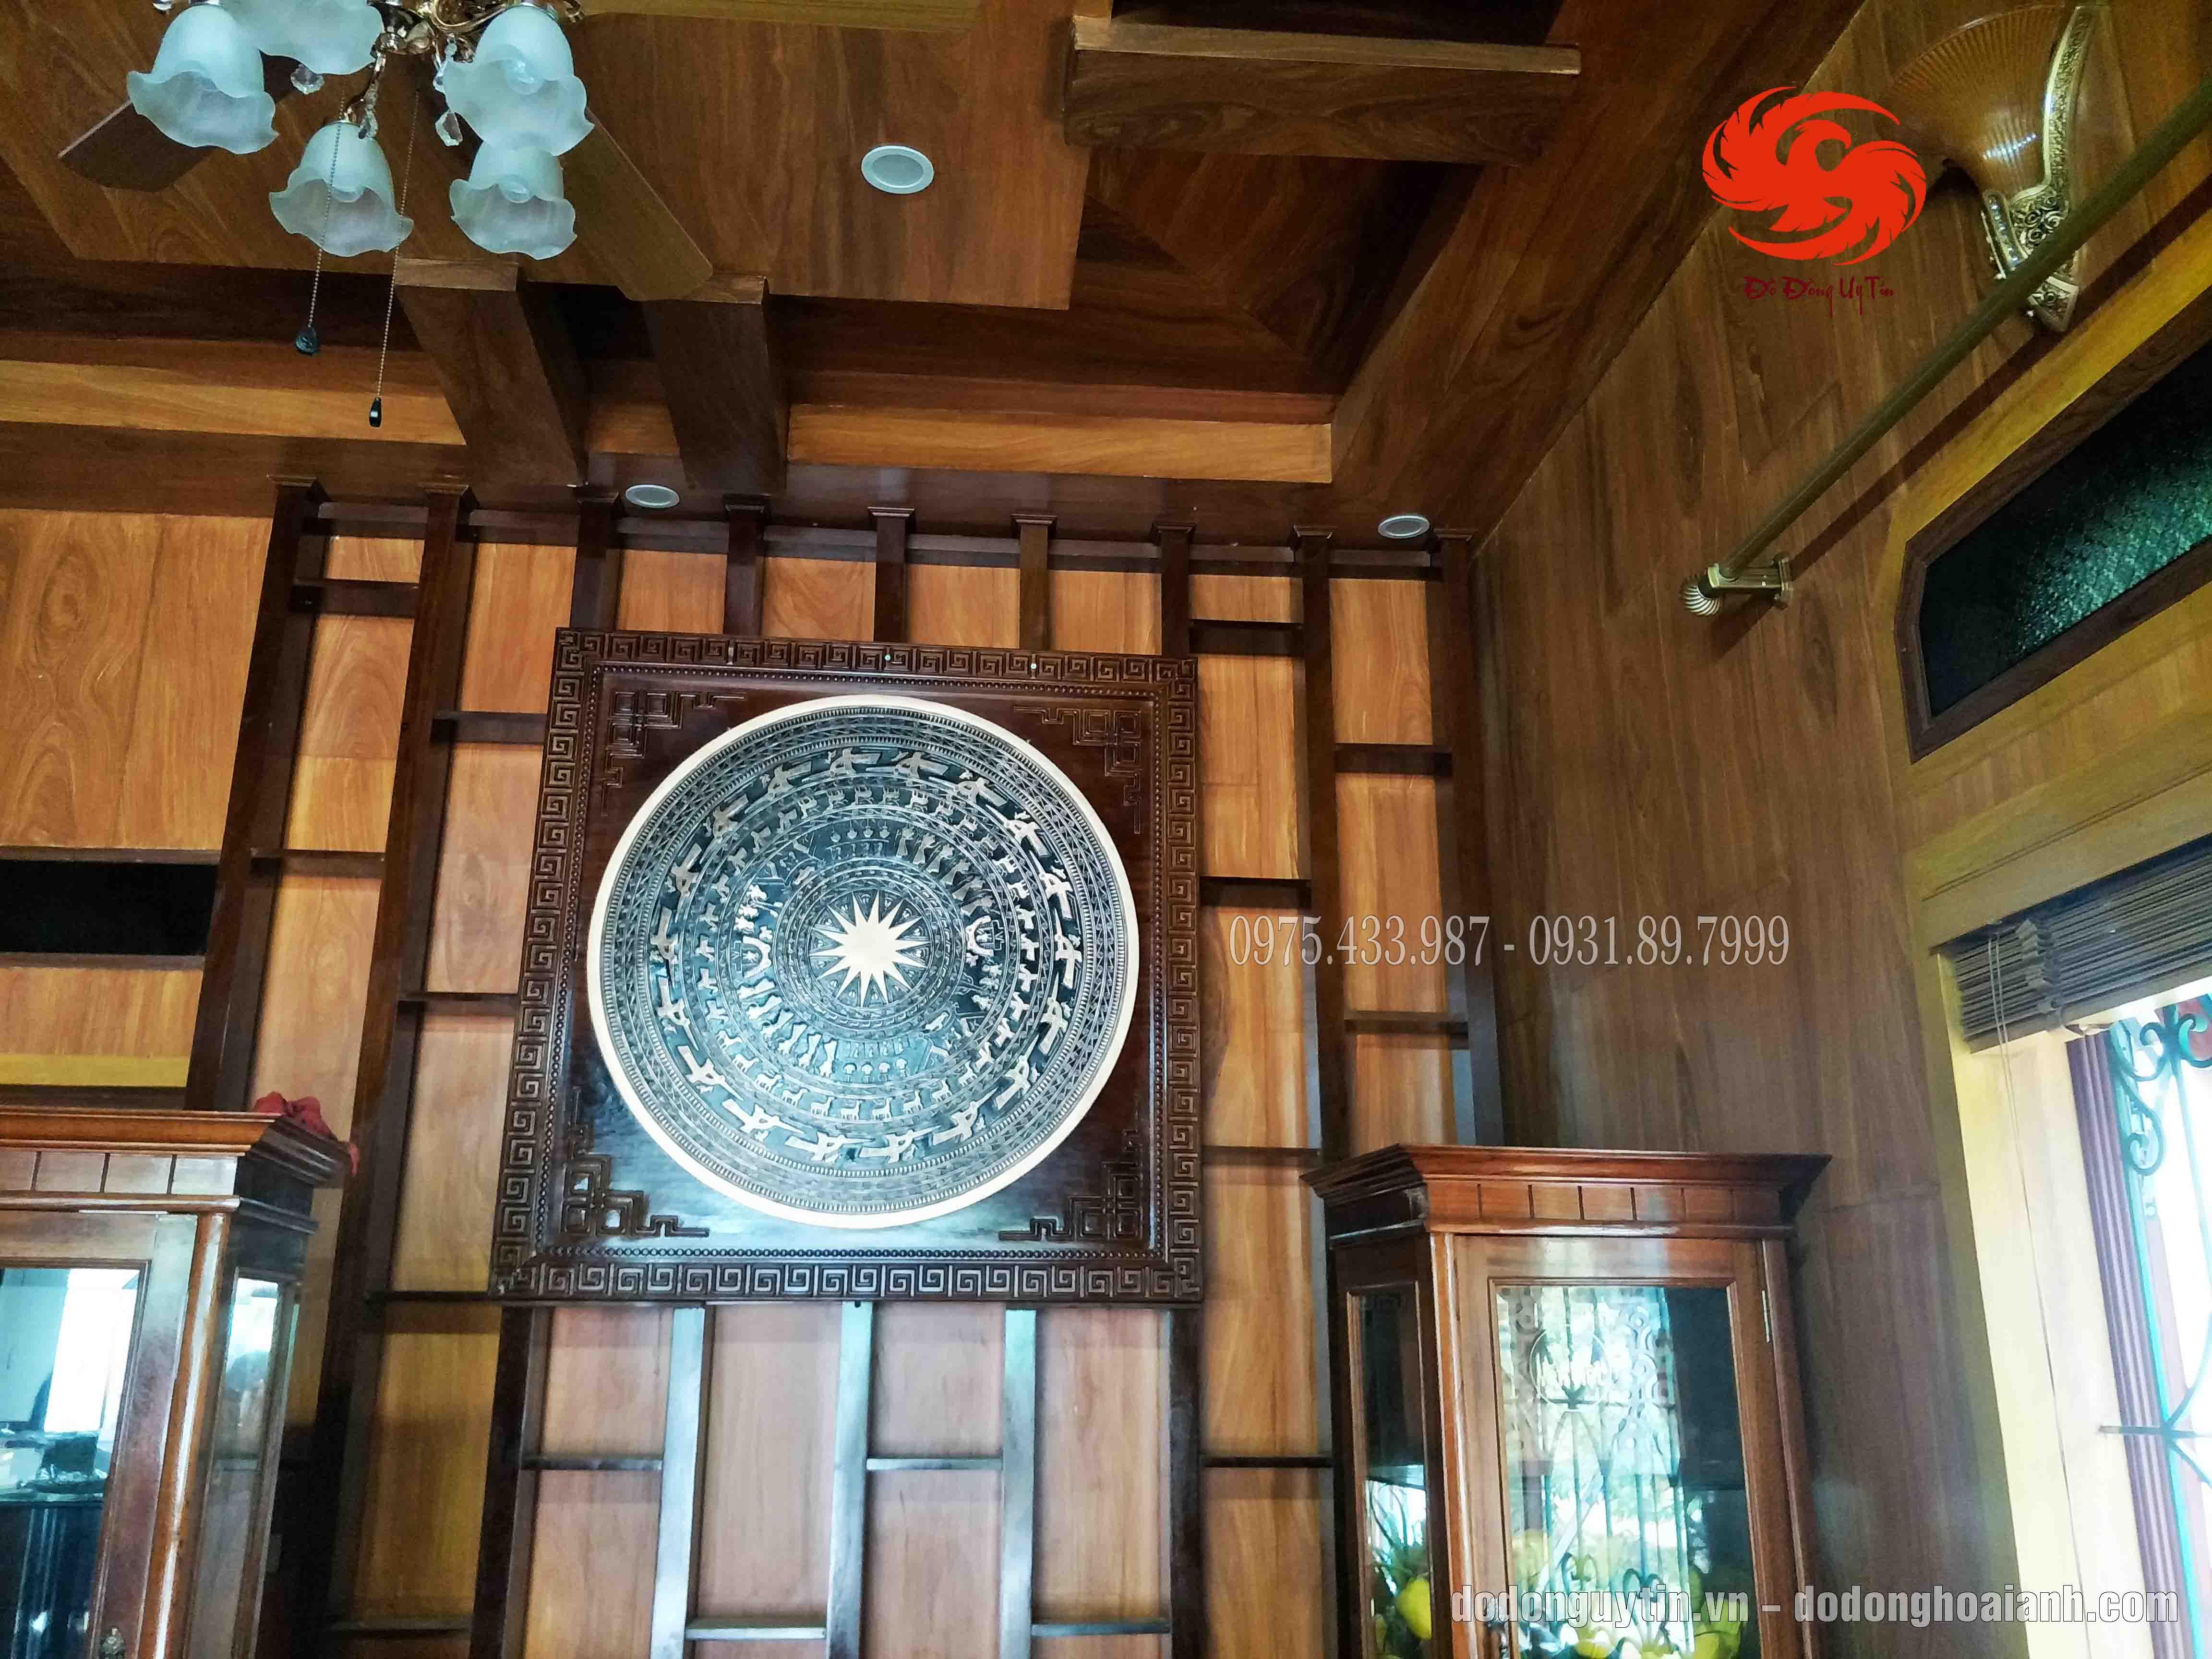 Mặt trống đồng đúc đồng đỏ cao cấp 137cm x 137cm